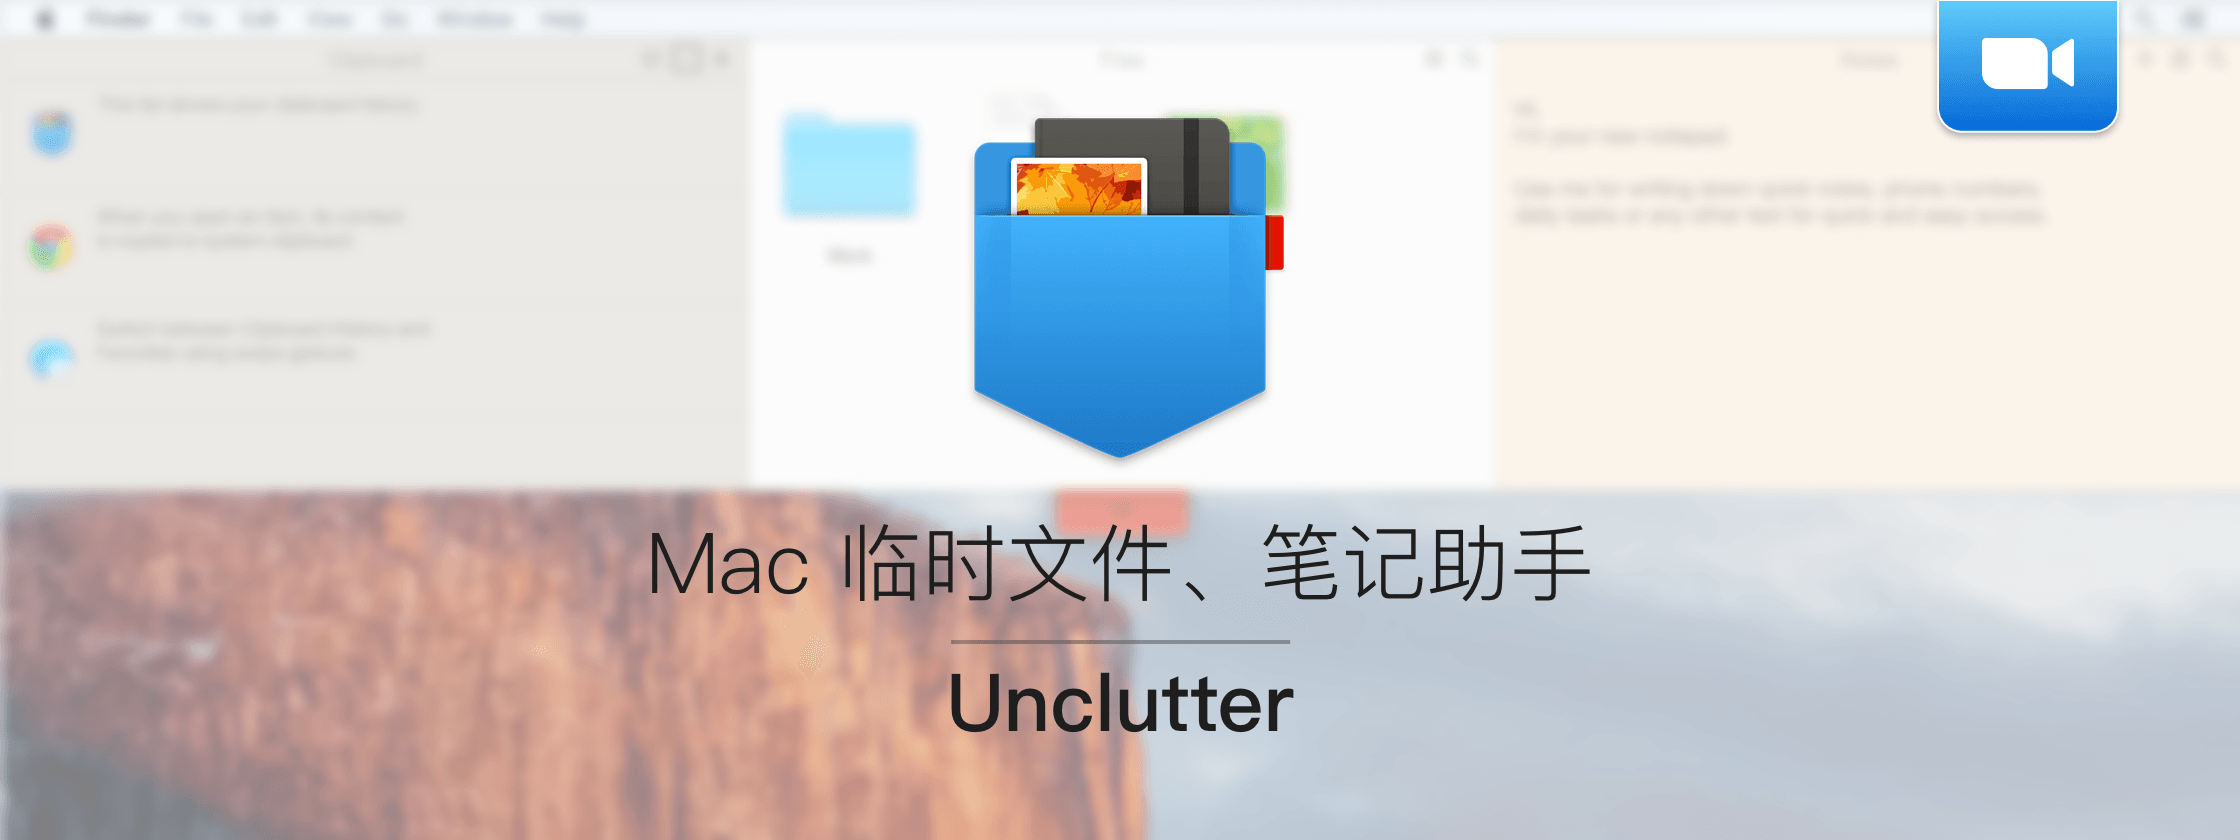 【视频】Unclutter,Mac 临时笔记、文件助手